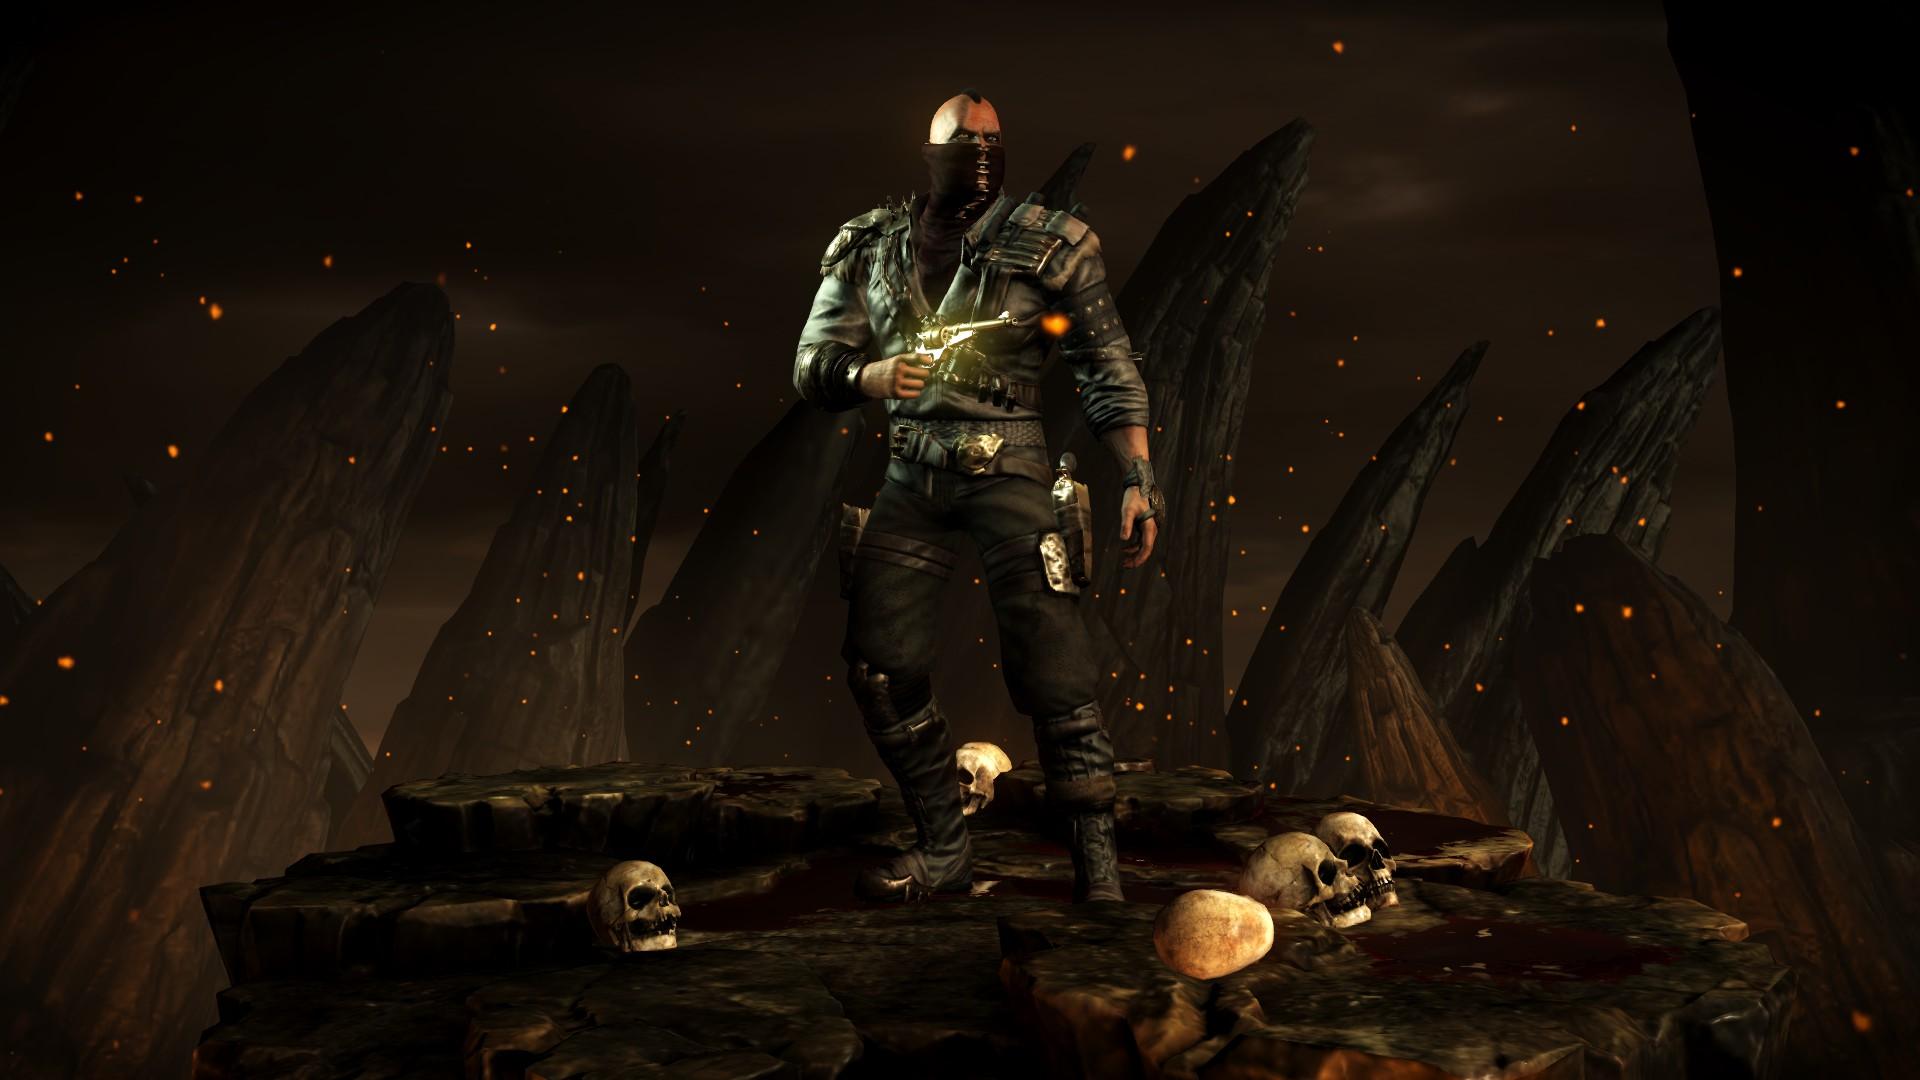 Эррон Блэк (Костюм: Наёмник) - Mortal Kombat X Эррон Блэк